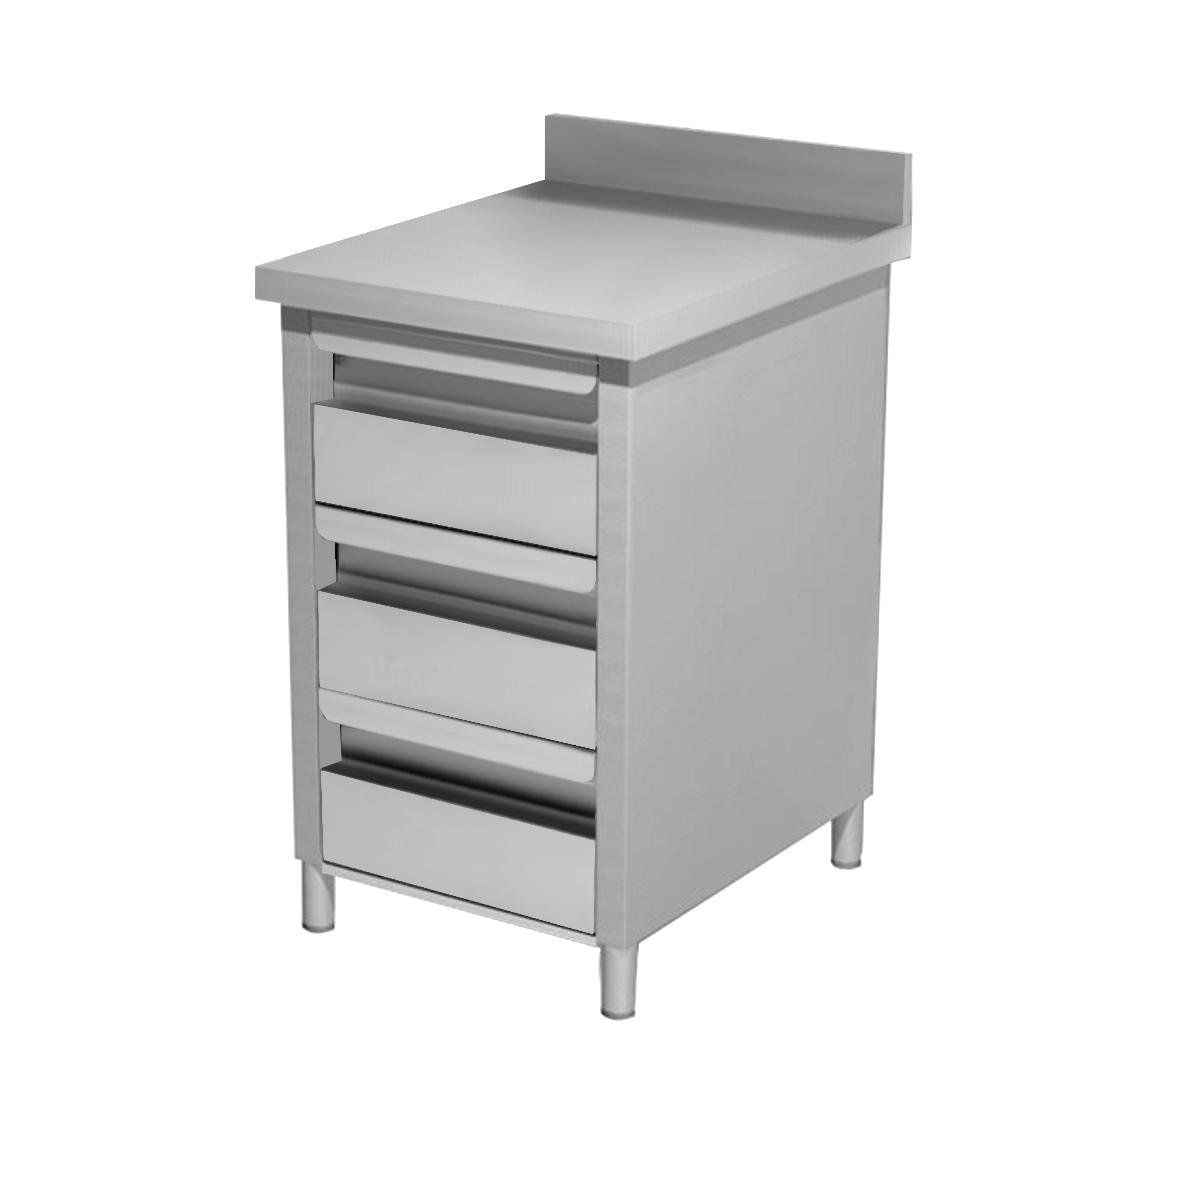 Cassettiera acciaio inox tre cassetti - Alzatina cucina acciaio ...